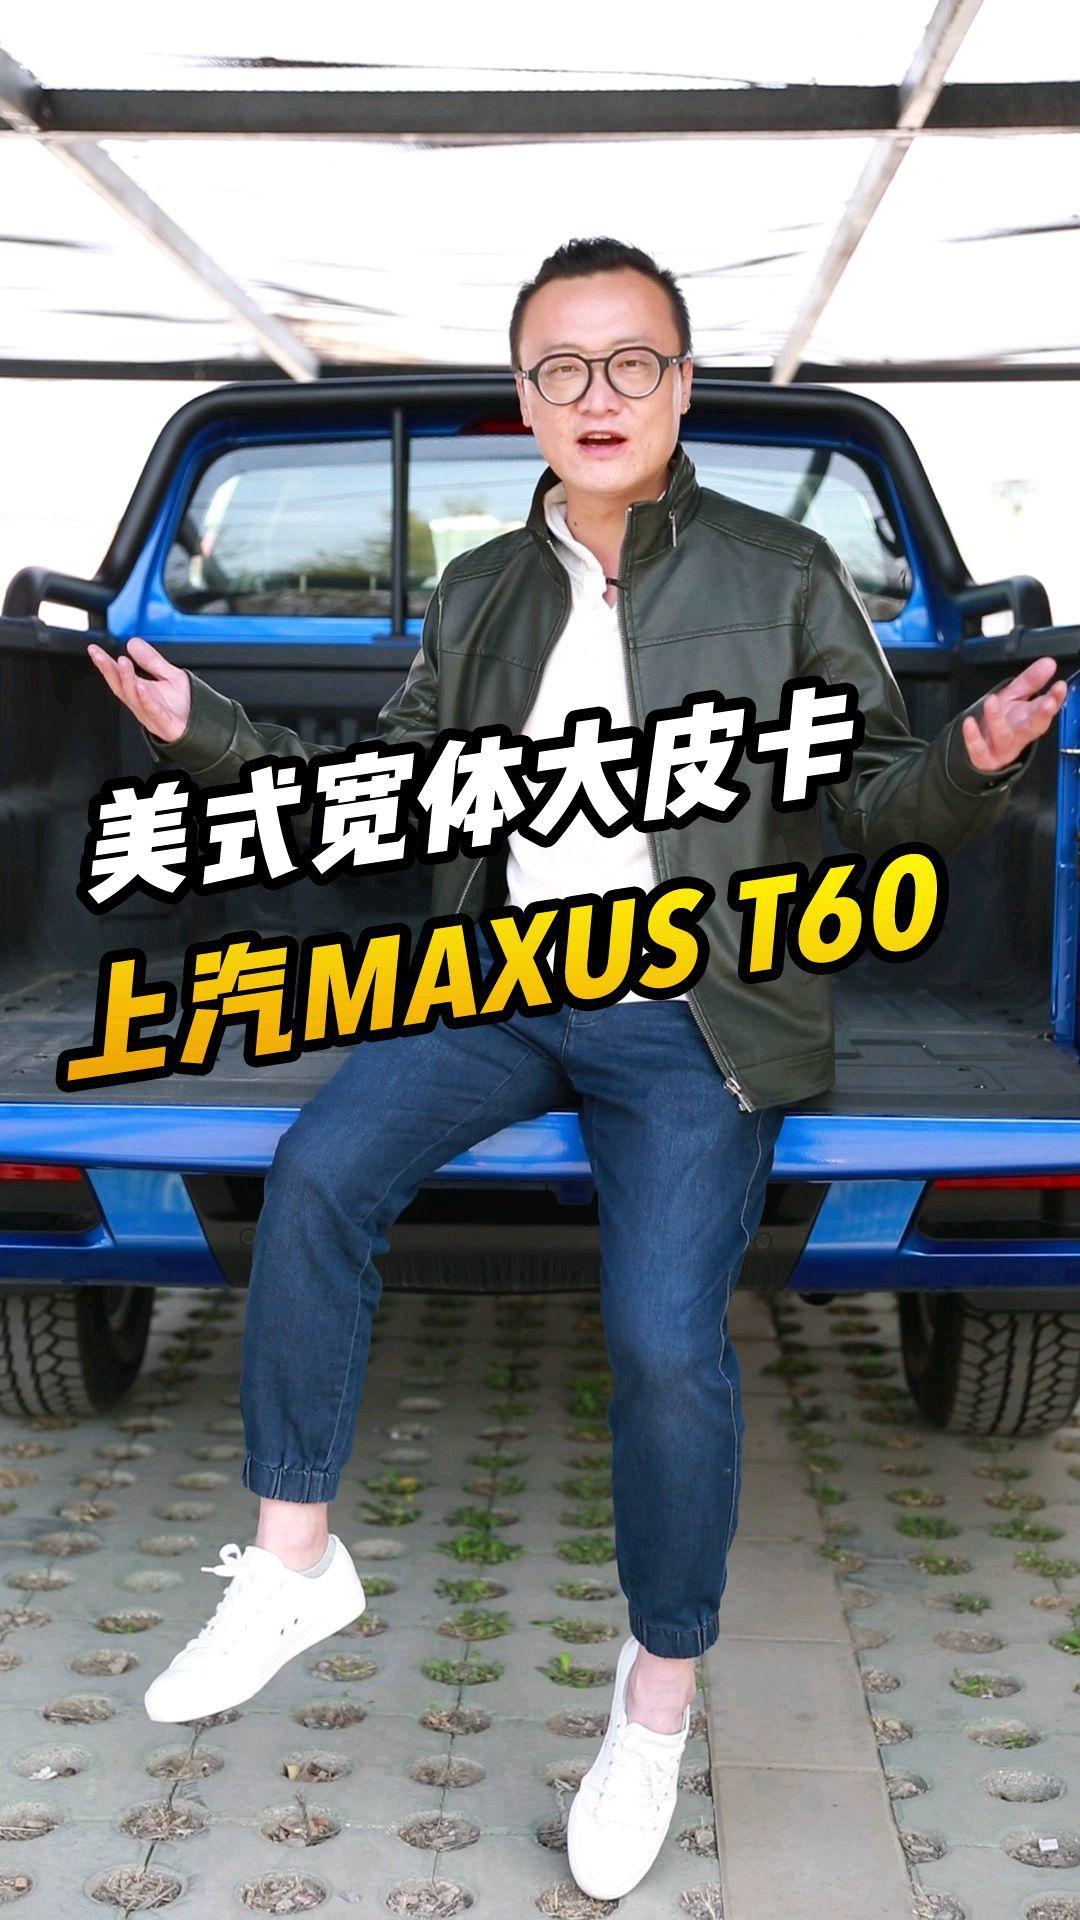 上汽MAXUS T60,美式宽体大皮卡,你会选么?